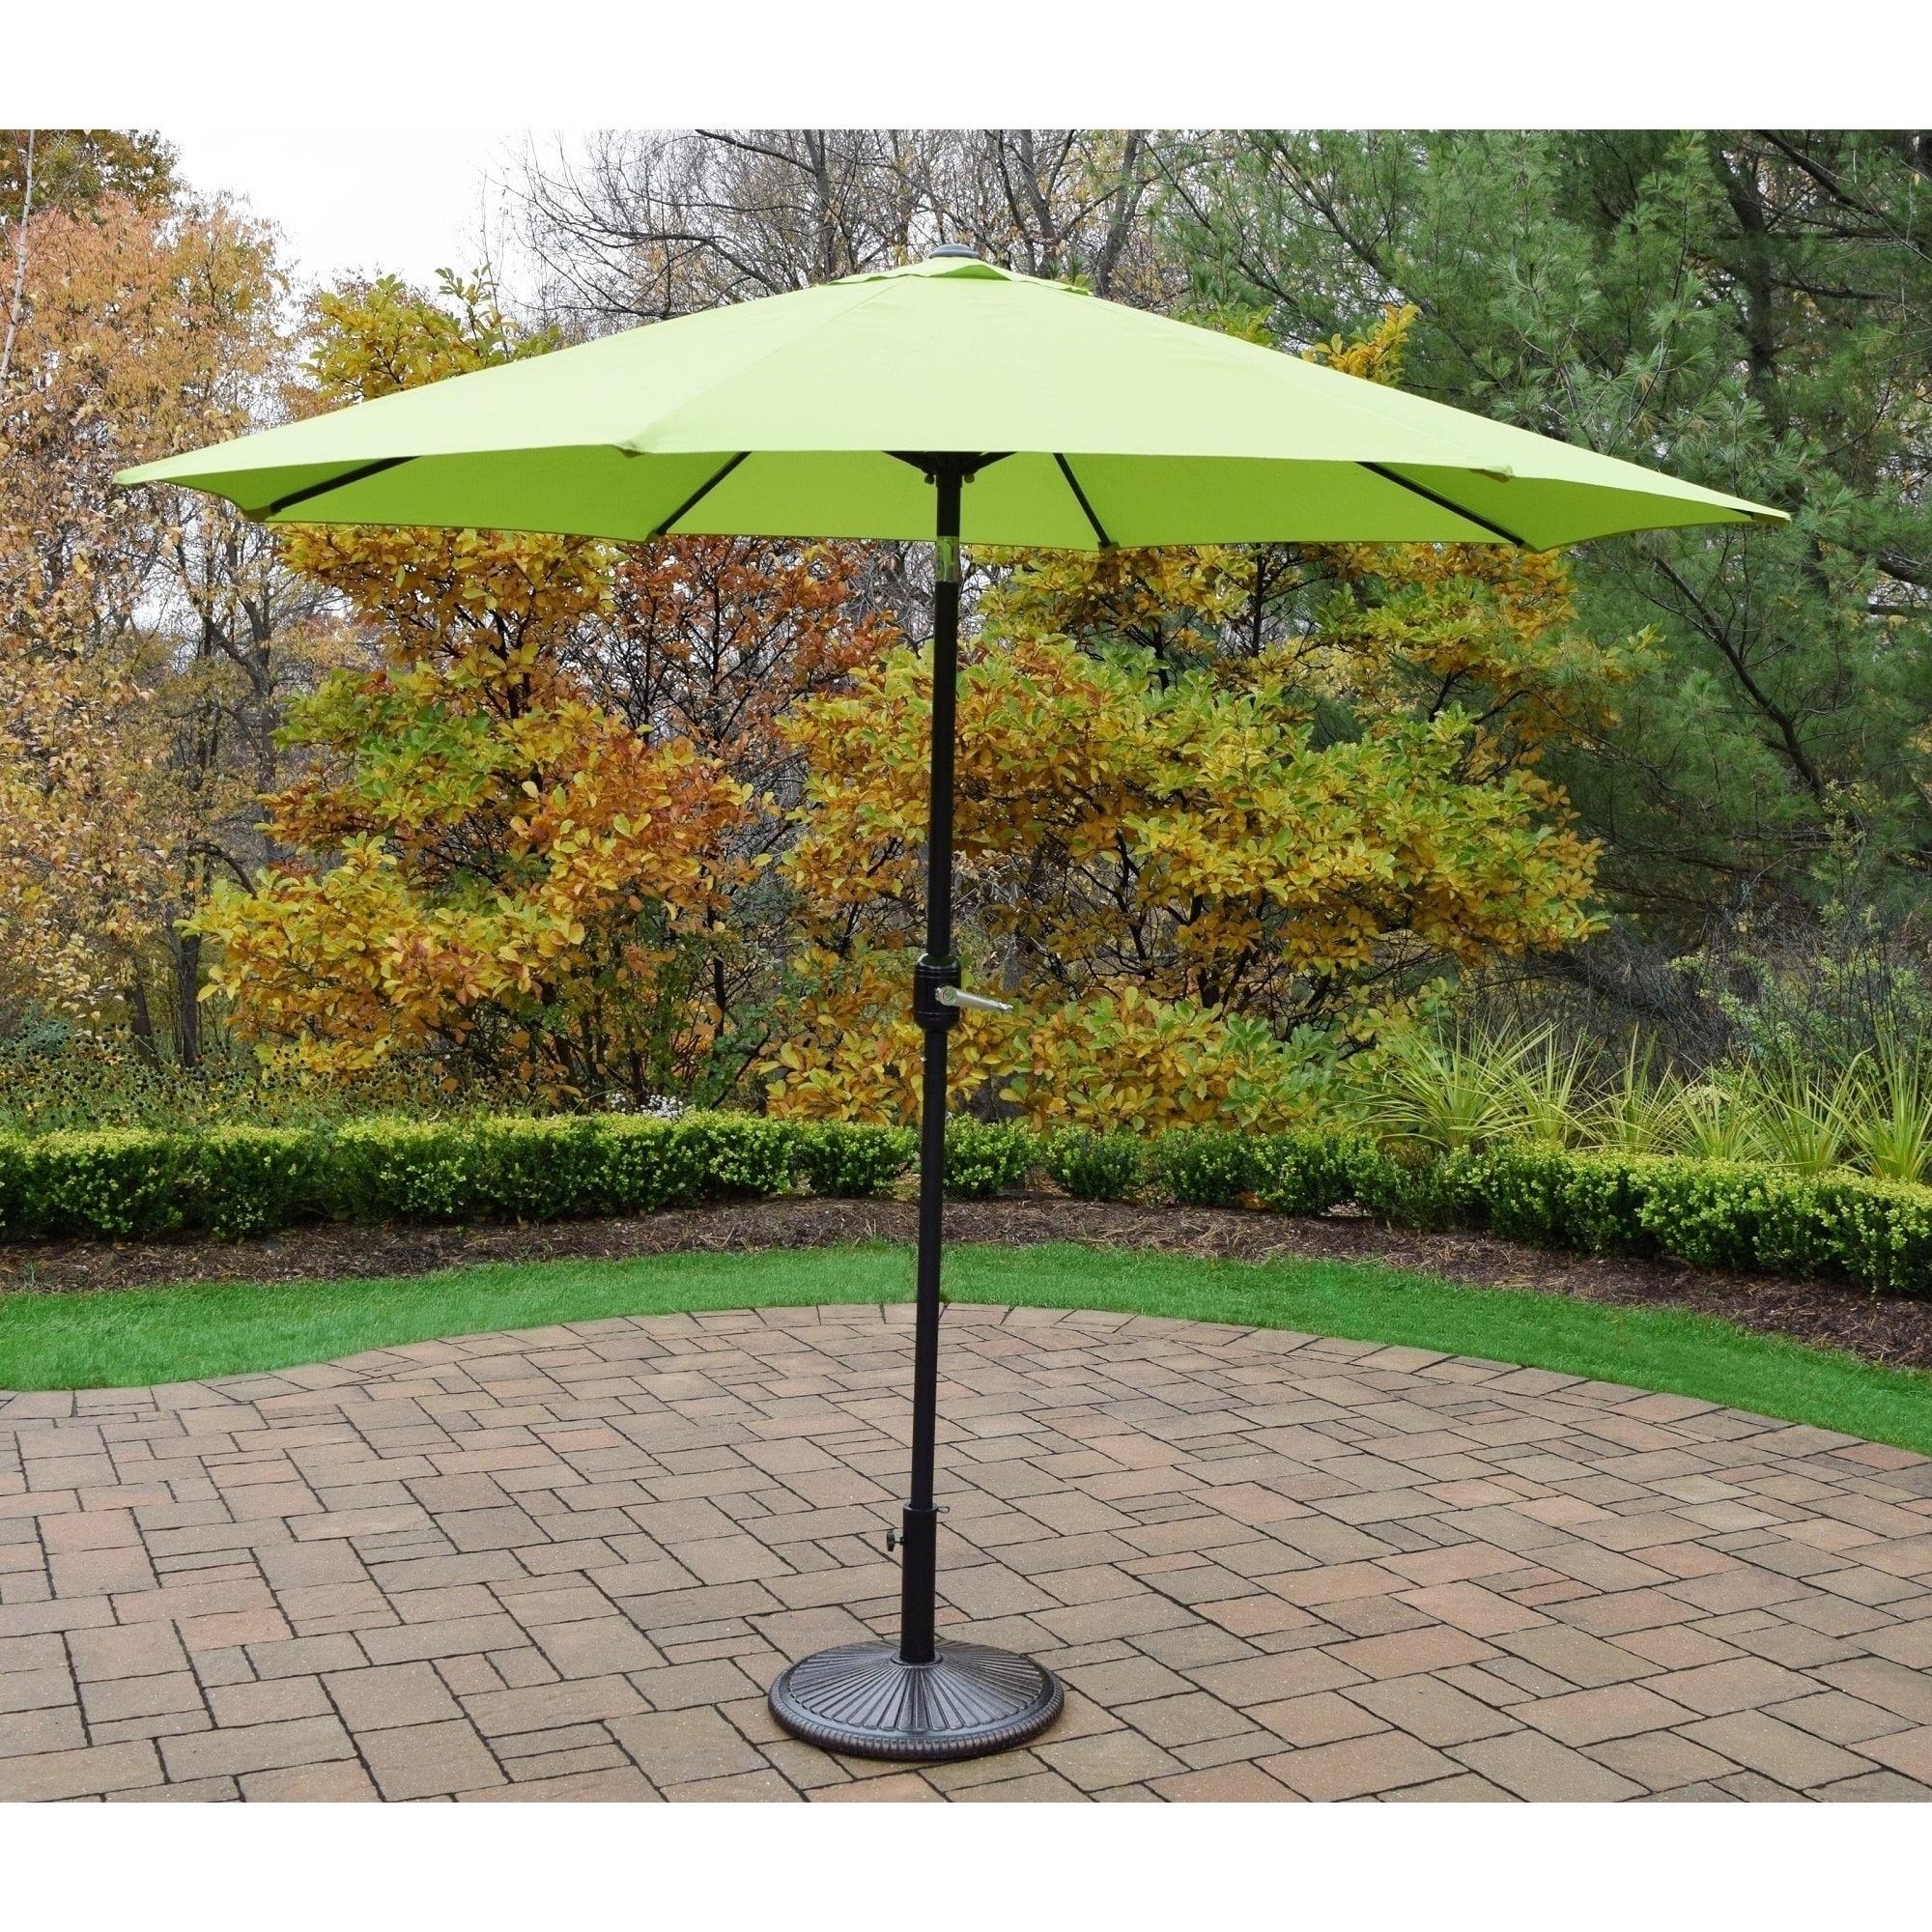 Oakland Living Corporation 9 Foot Crank And Tilt Umbrella With Cast